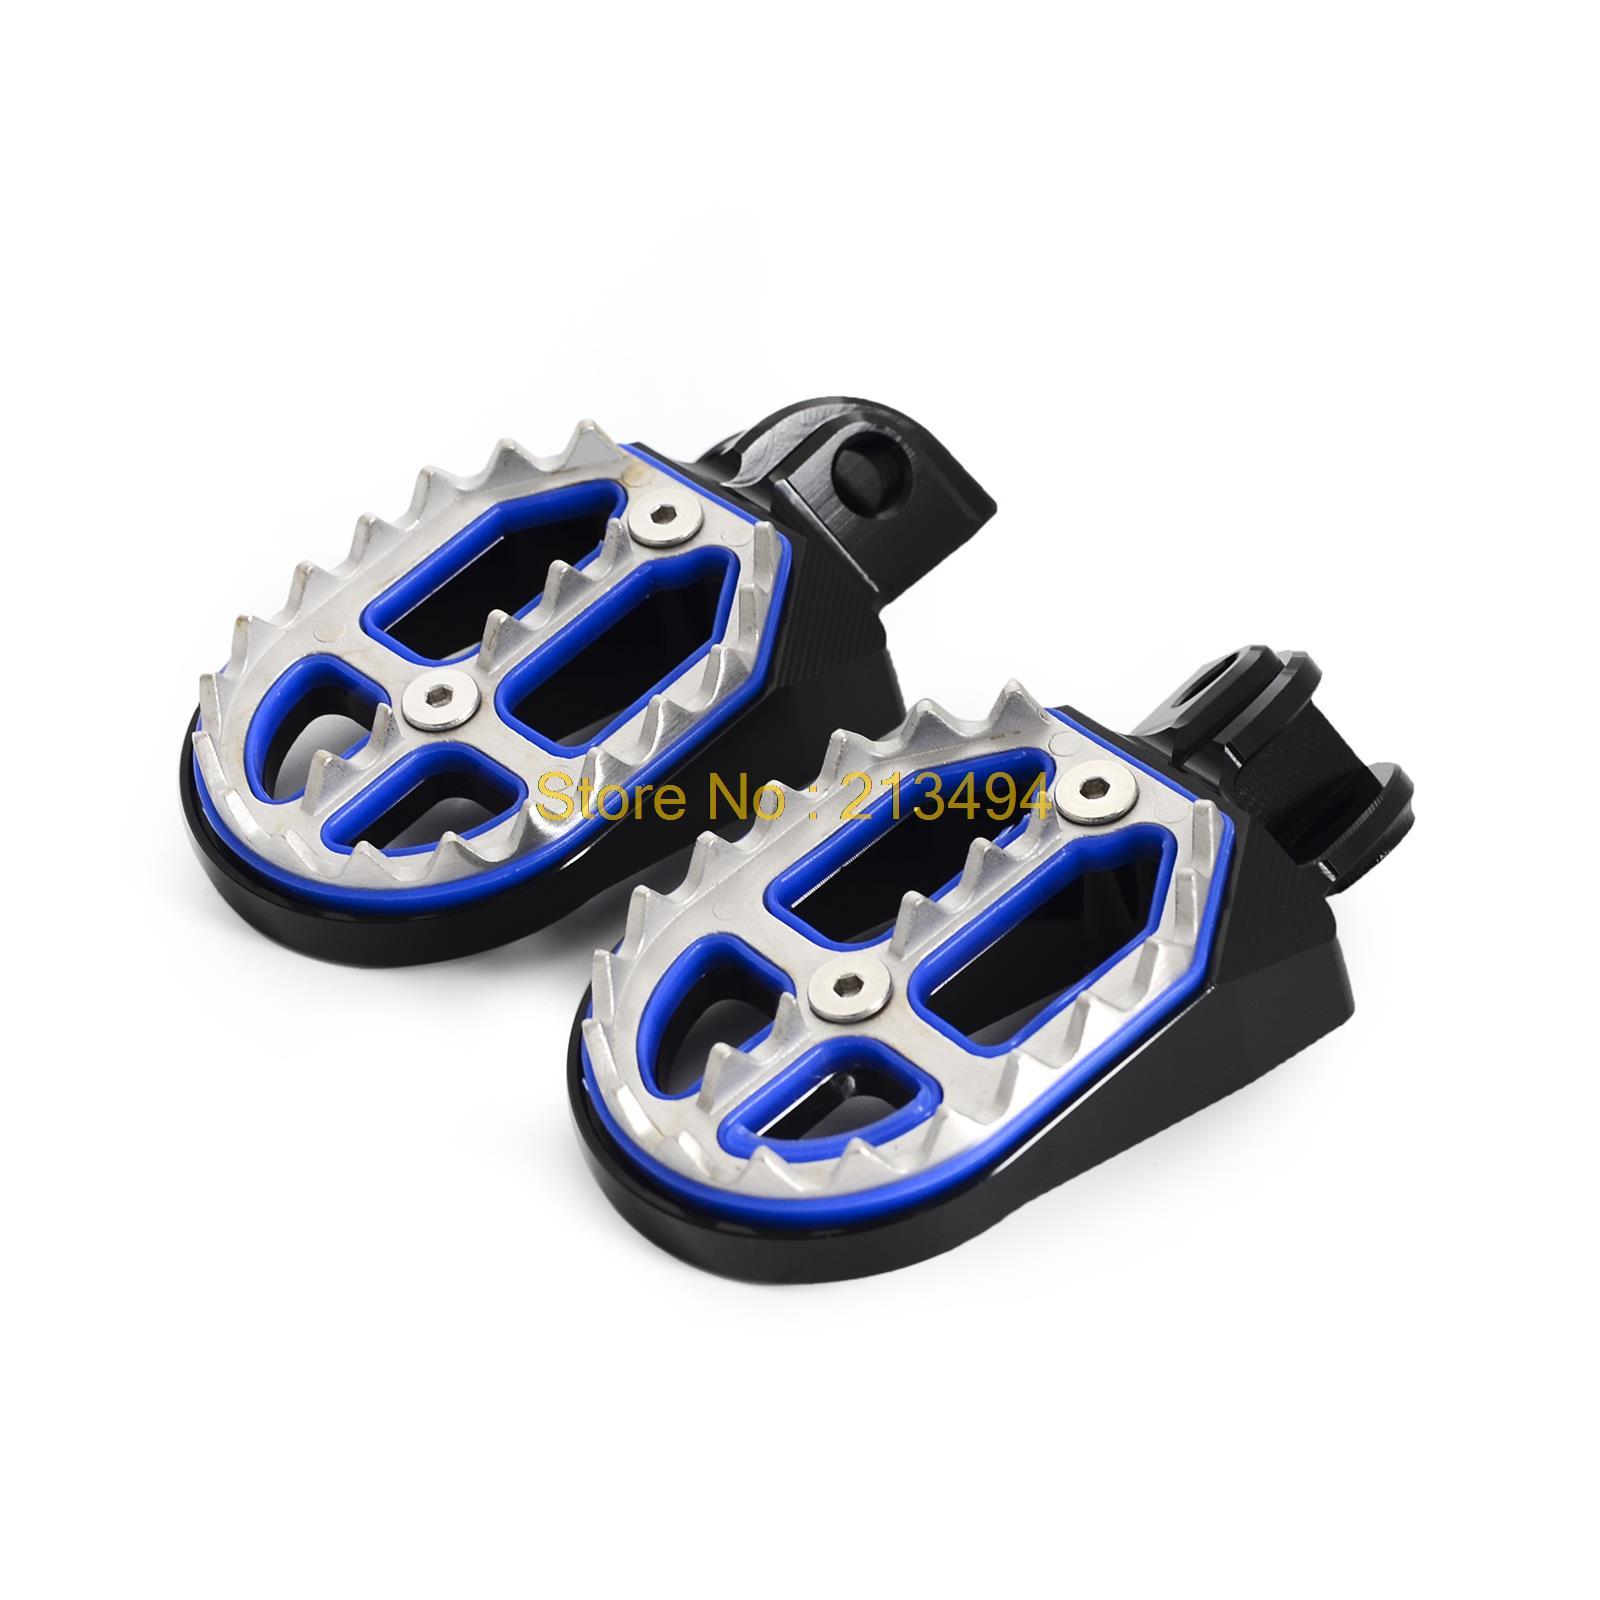 NICECNC Foot Pegs Rests Pedals For Husqvarna TC65 85 TC FC TE FE 125-501 FS450 Husaberg FE TE FC TE 125-610